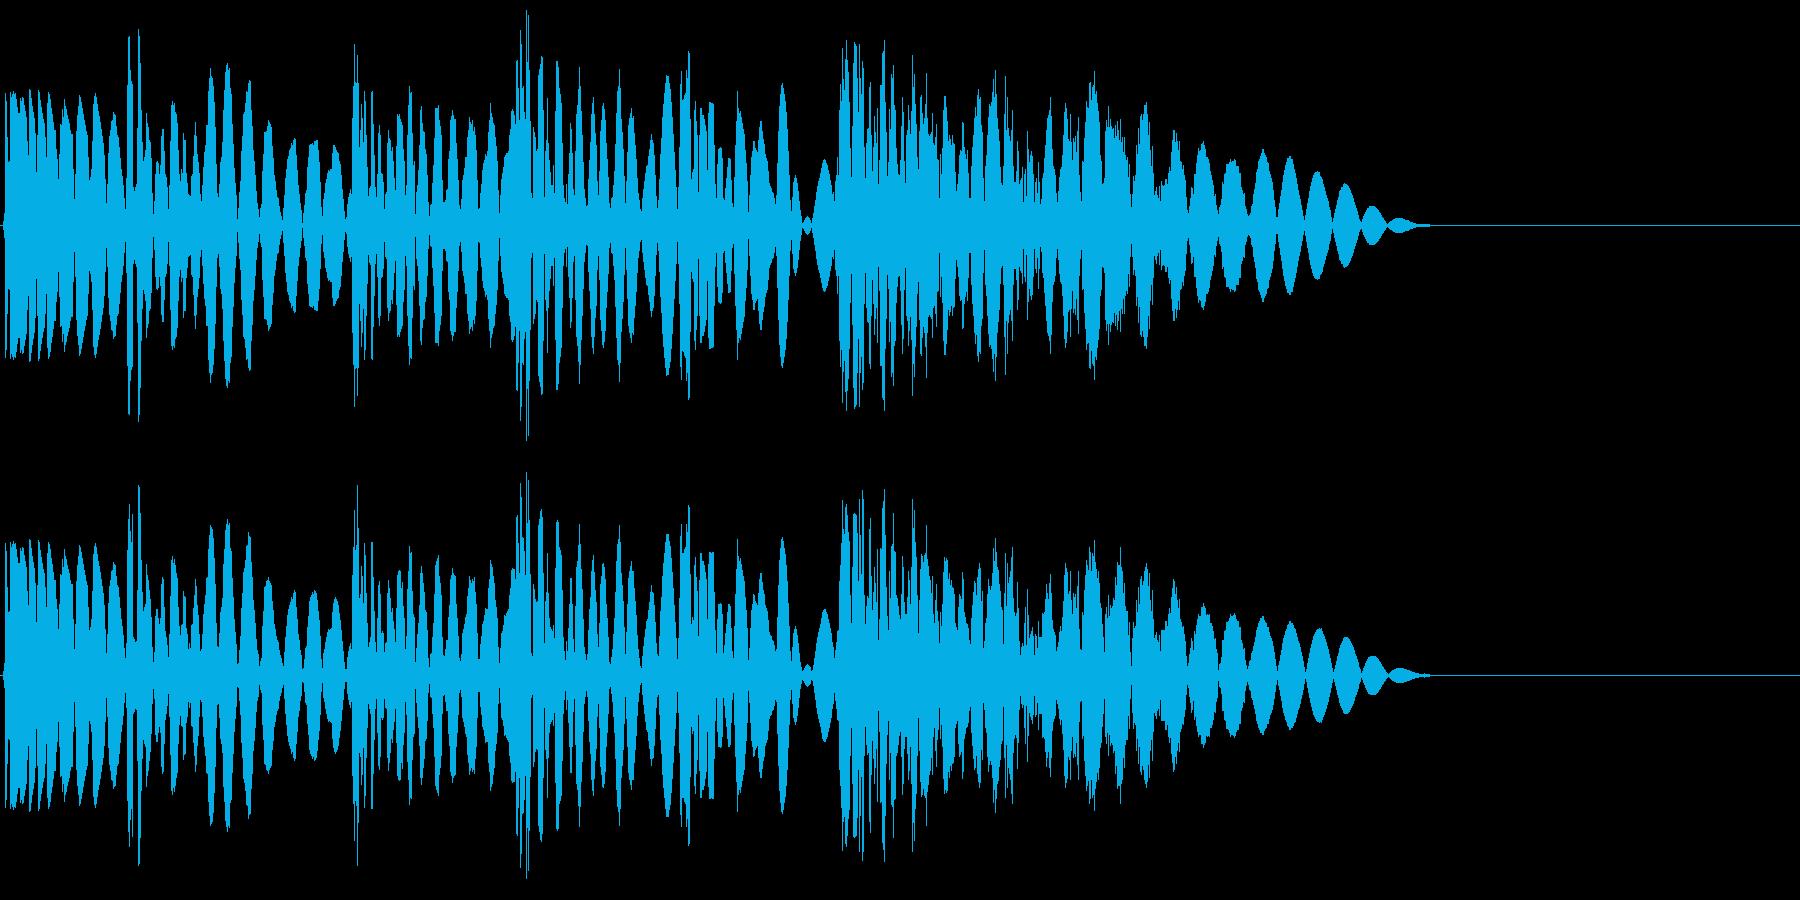 ボコボコビシッ(ラッシュ攻撃)の再生済みの波形